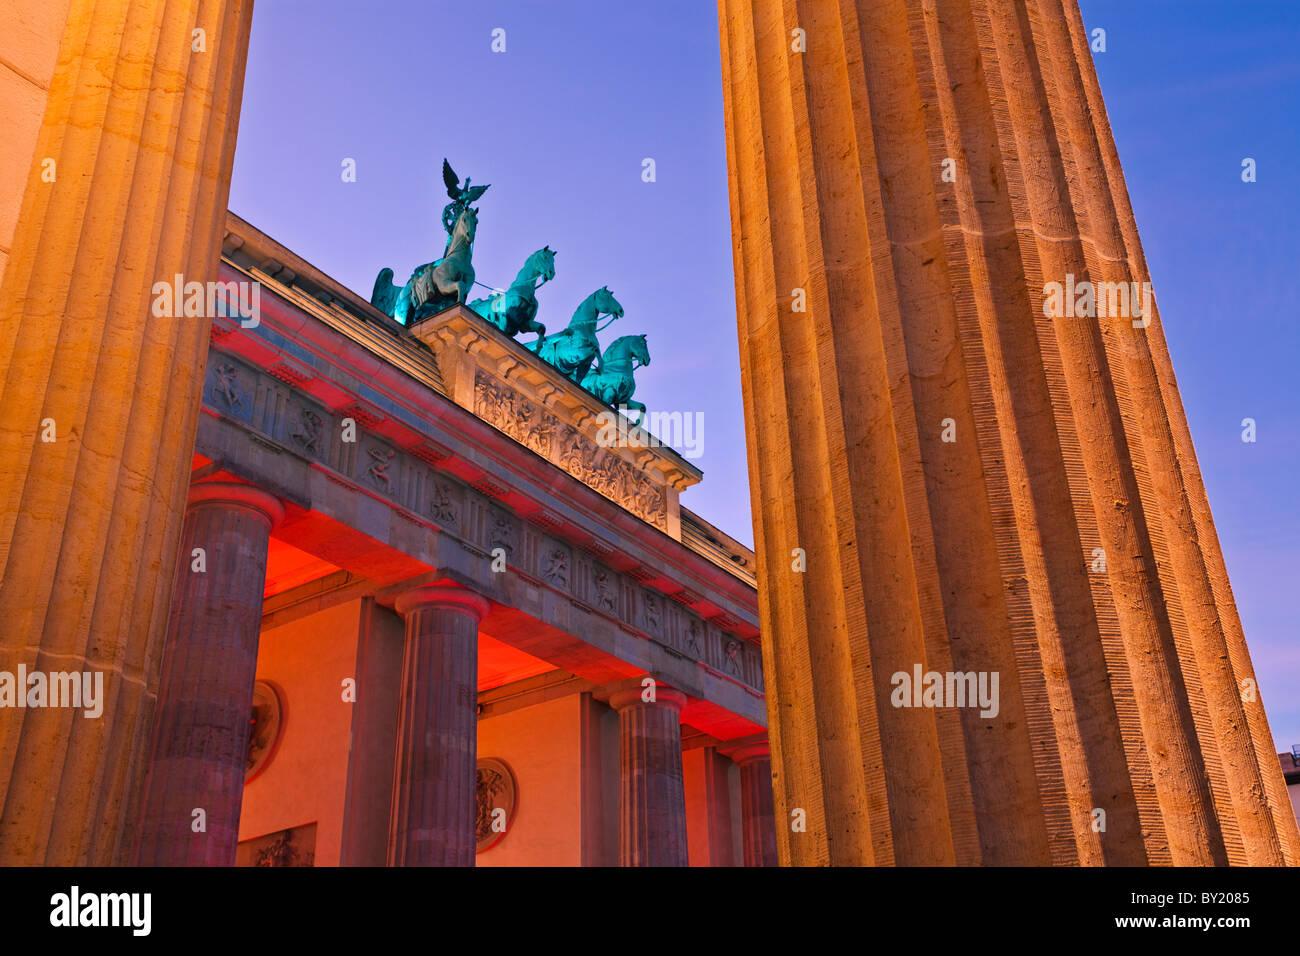 Deutschland, Berlin, Brandenburger Tor während des Festival of Lights Dämmerung beleuchtet Stockbild